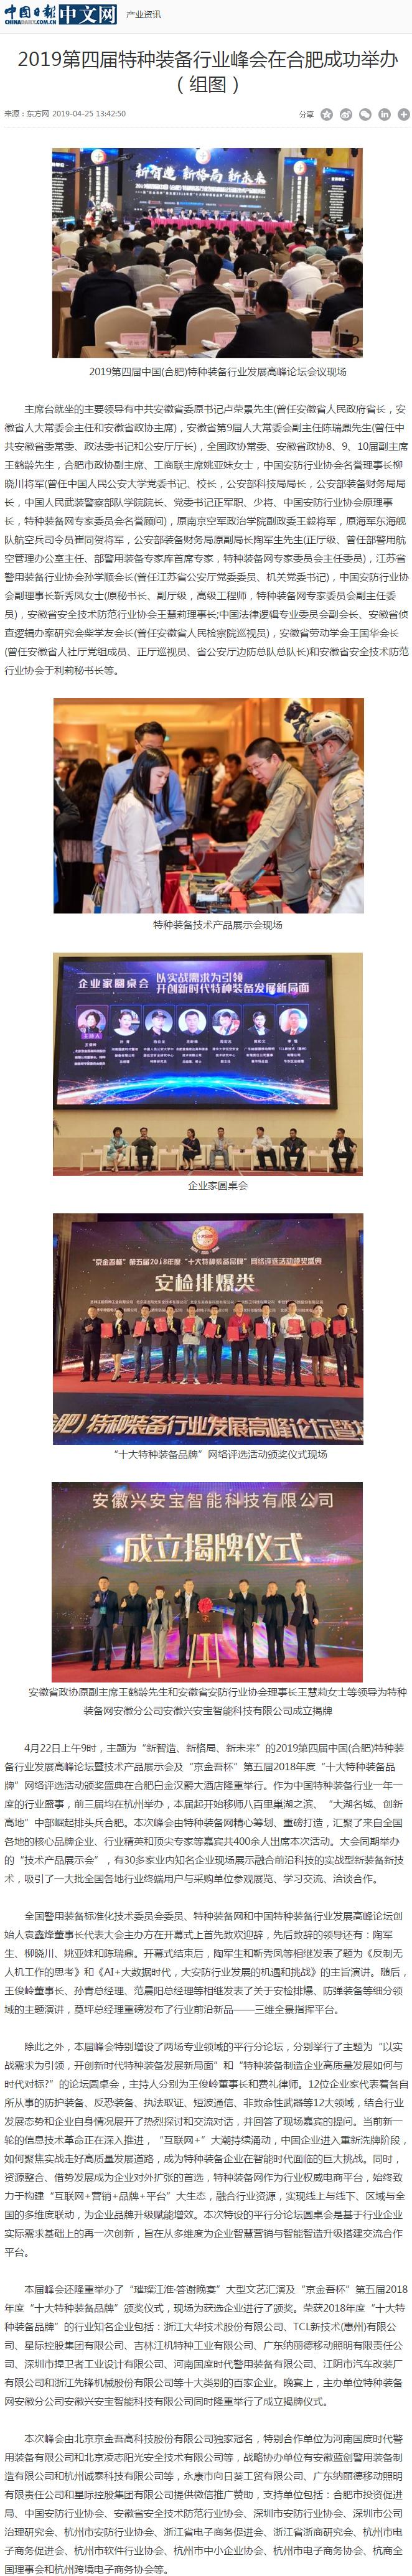 中国日报网.jpg